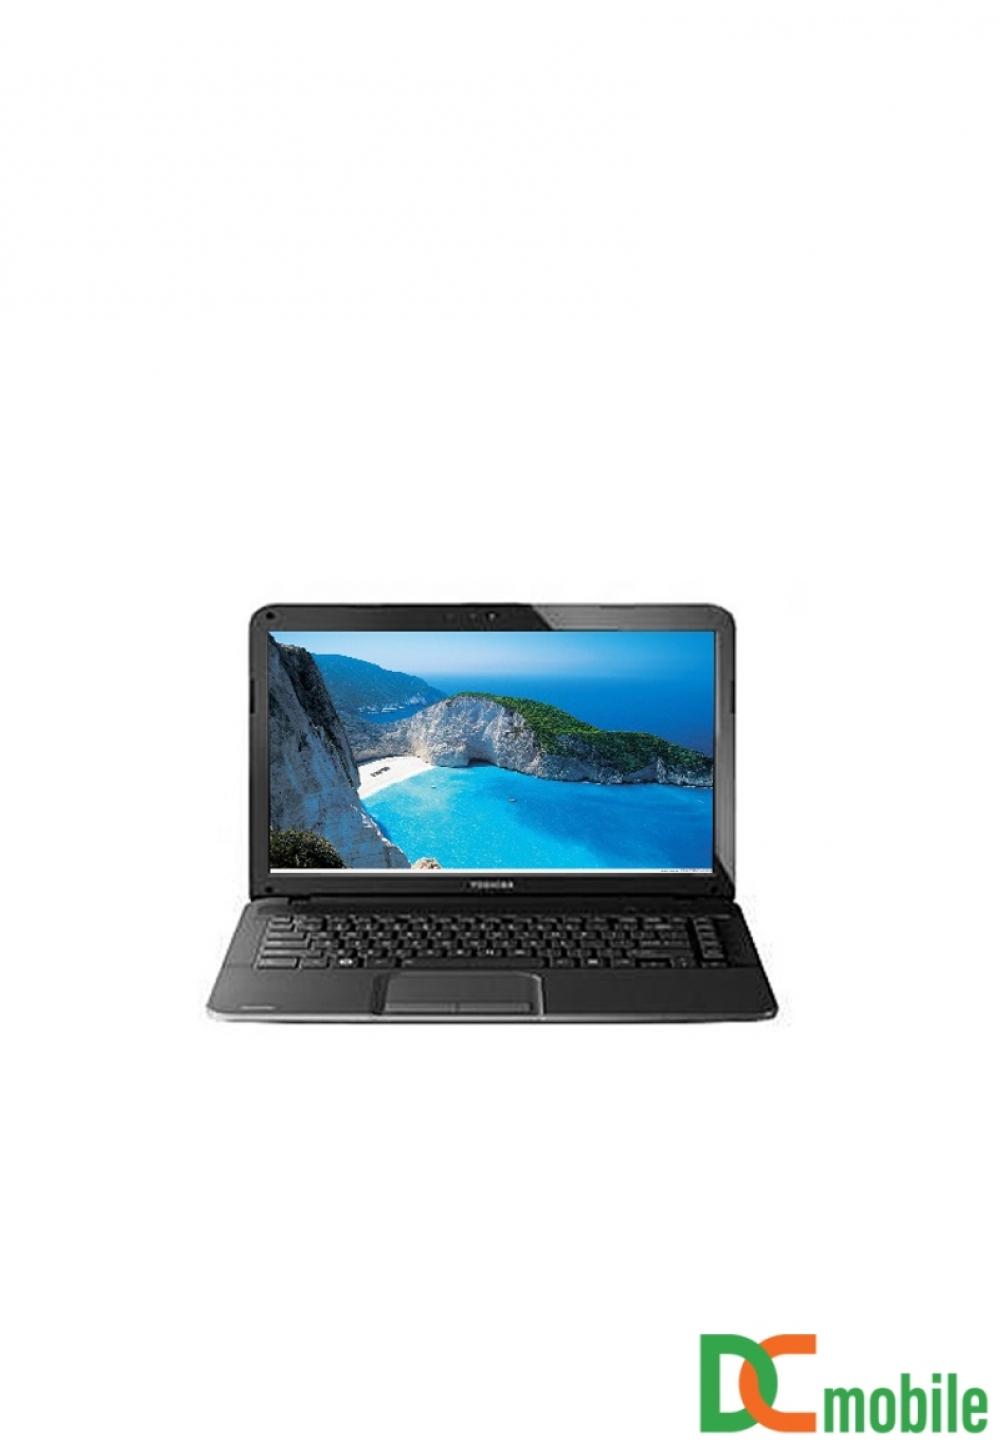 Laptop Toshiba C40